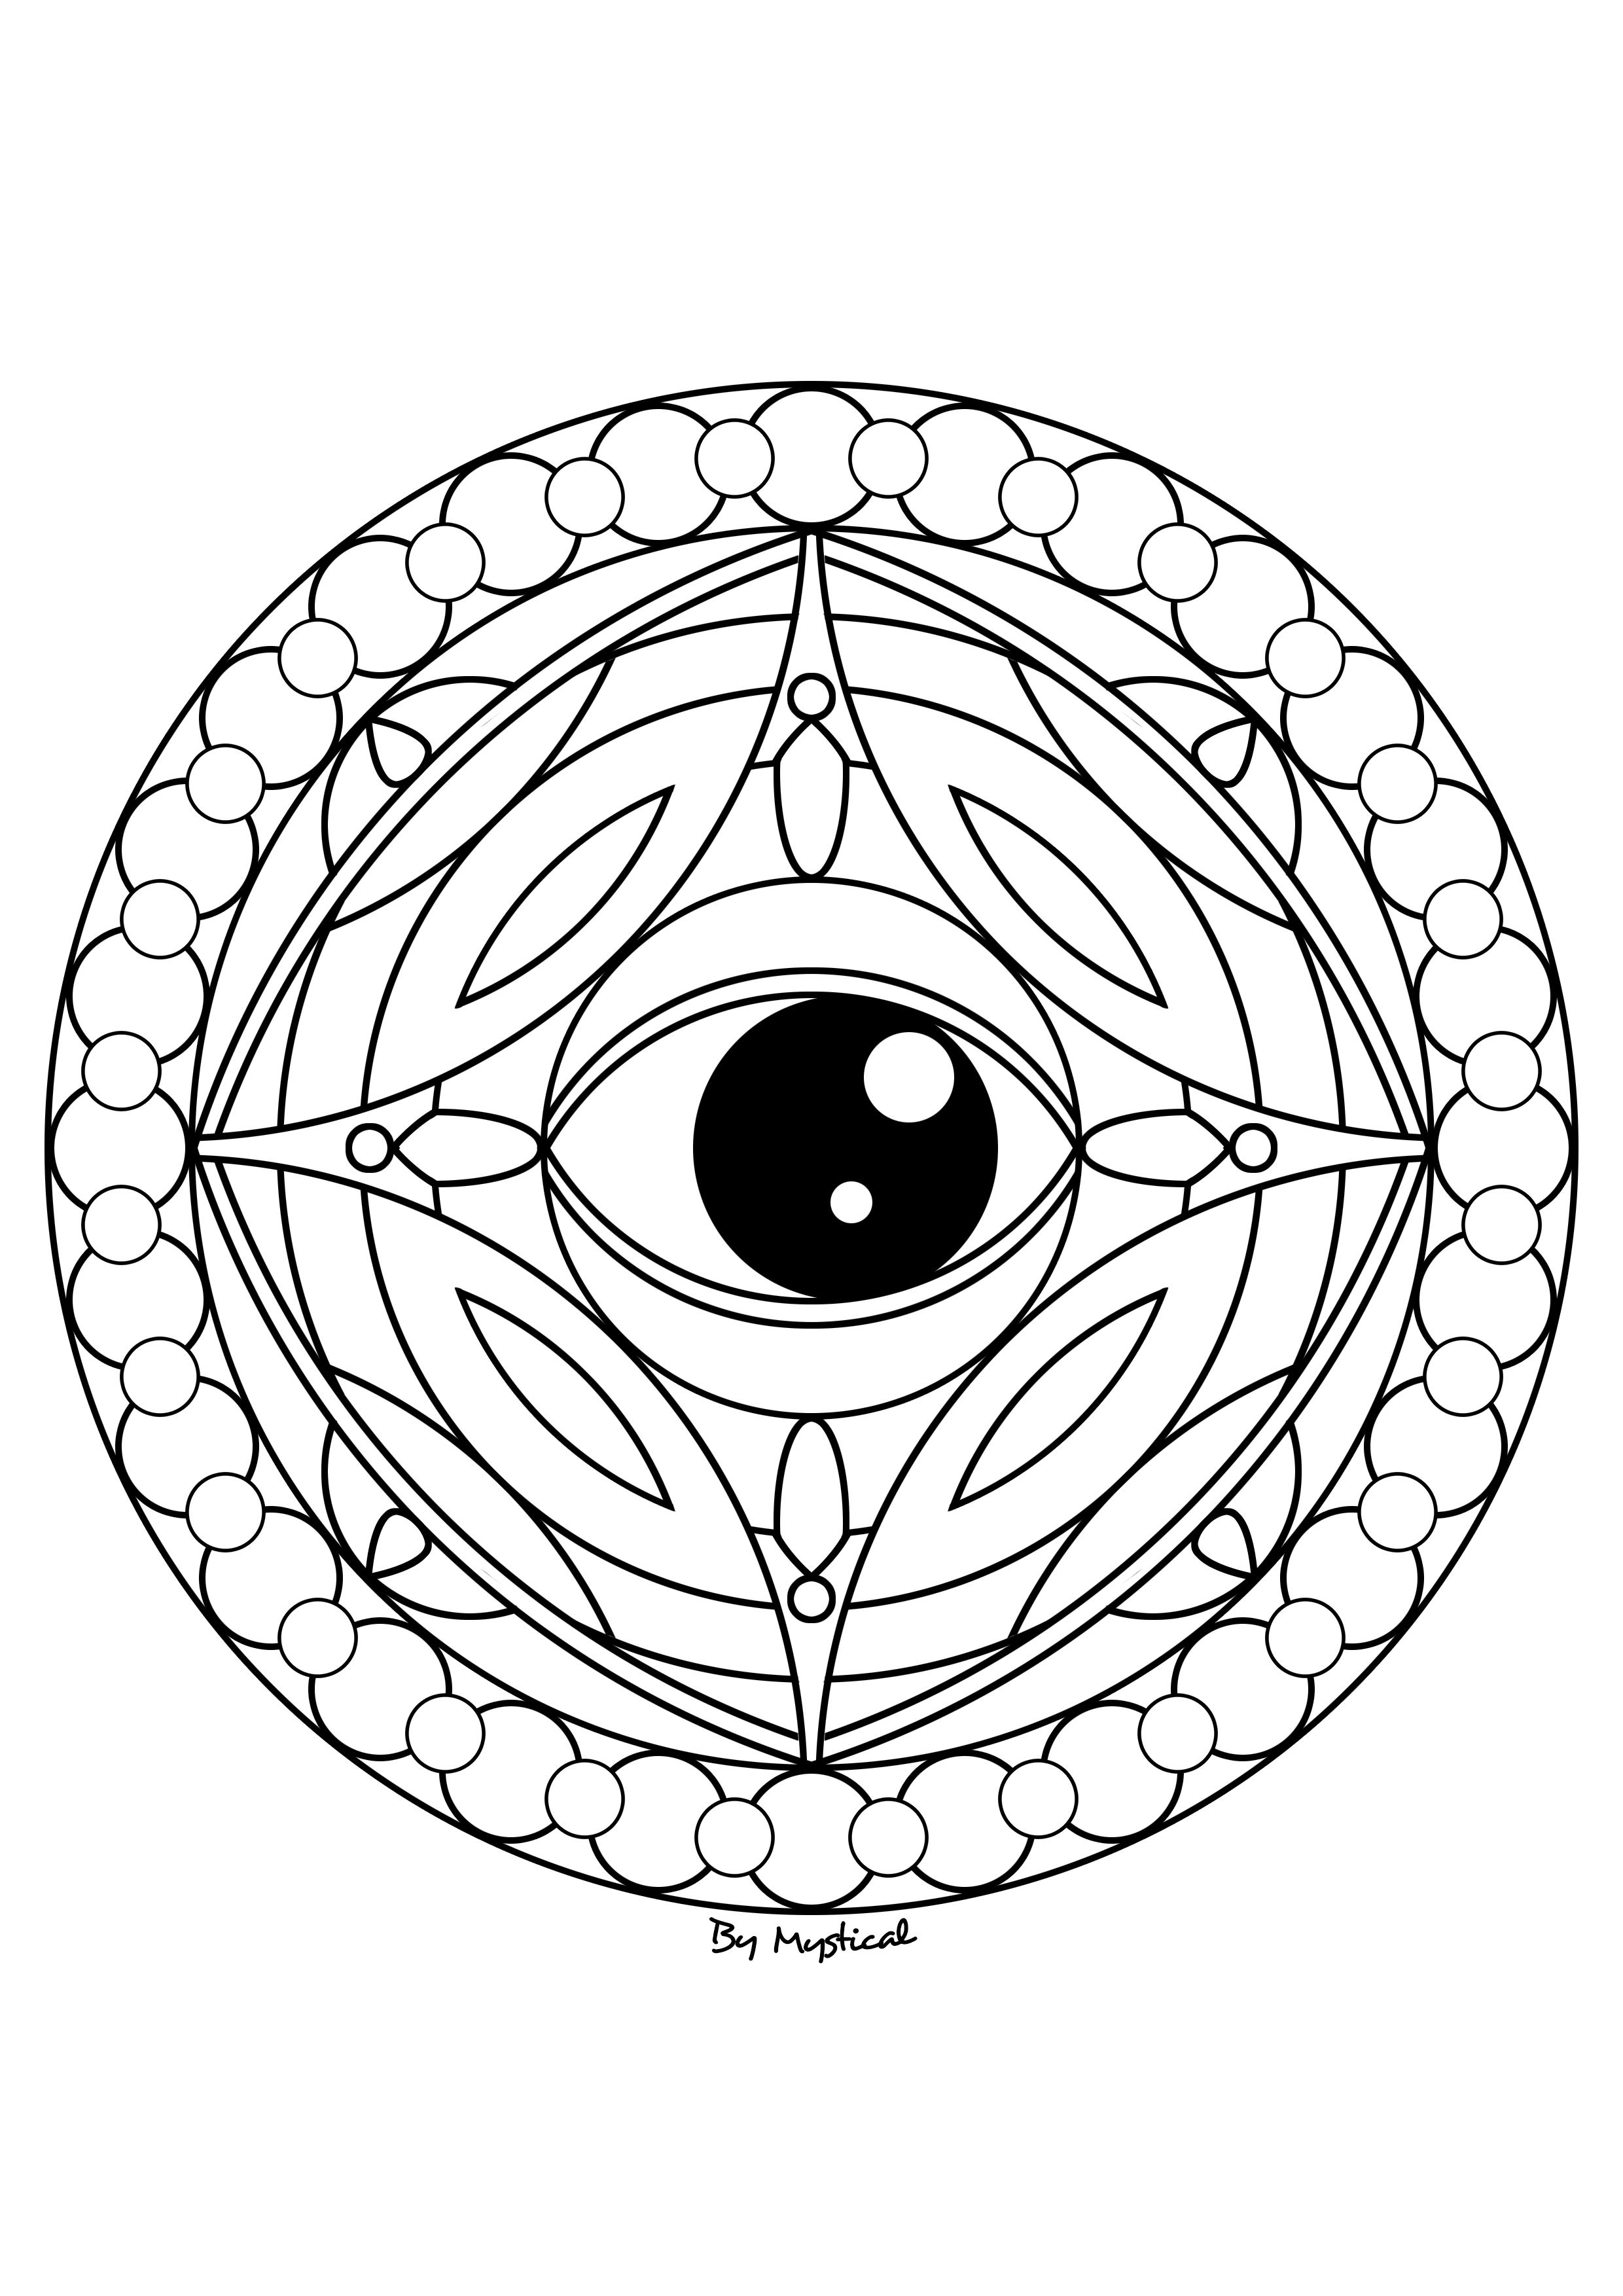 Mandala oeil coloriages dessins mandala color et - Oeil a colorier ...